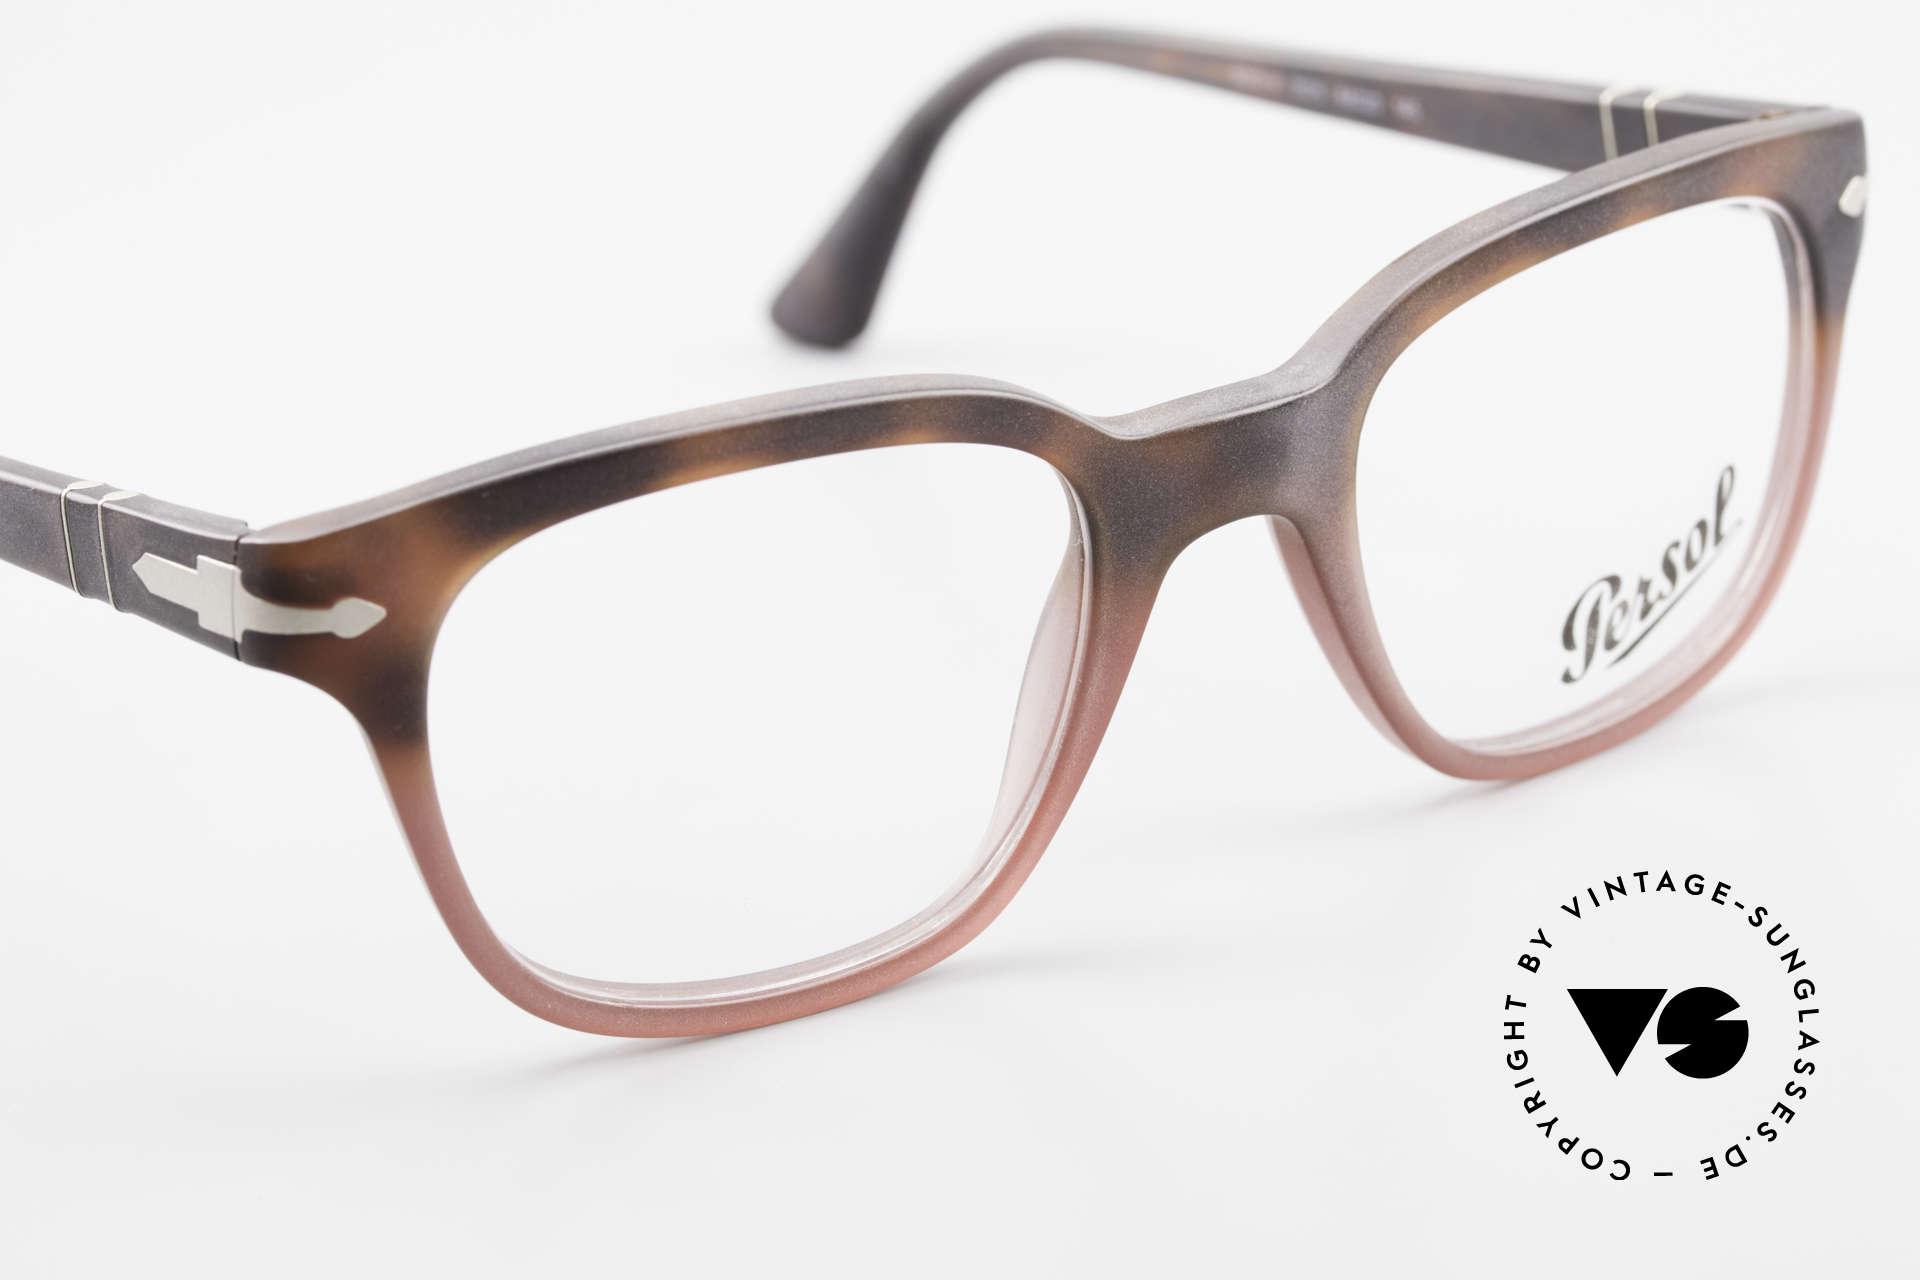 Persol 3093 Unisex Fassung Klassiker Brille, eine Neuauflage der alten Brillen von Persol Ratti, Passend für Herren und Damen